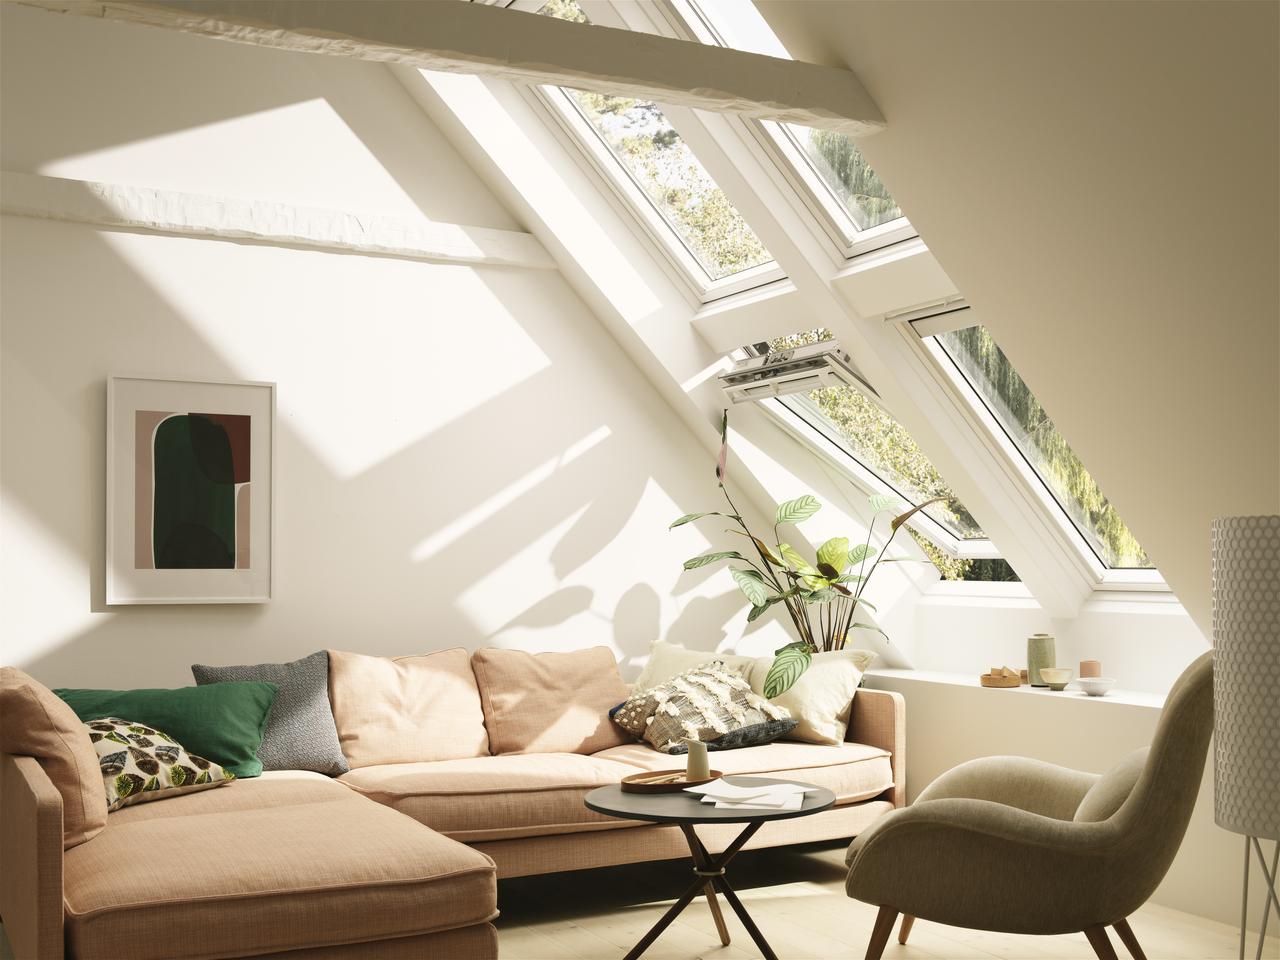 Idee per arredare il soggiorno in modo elegante ed economico ...